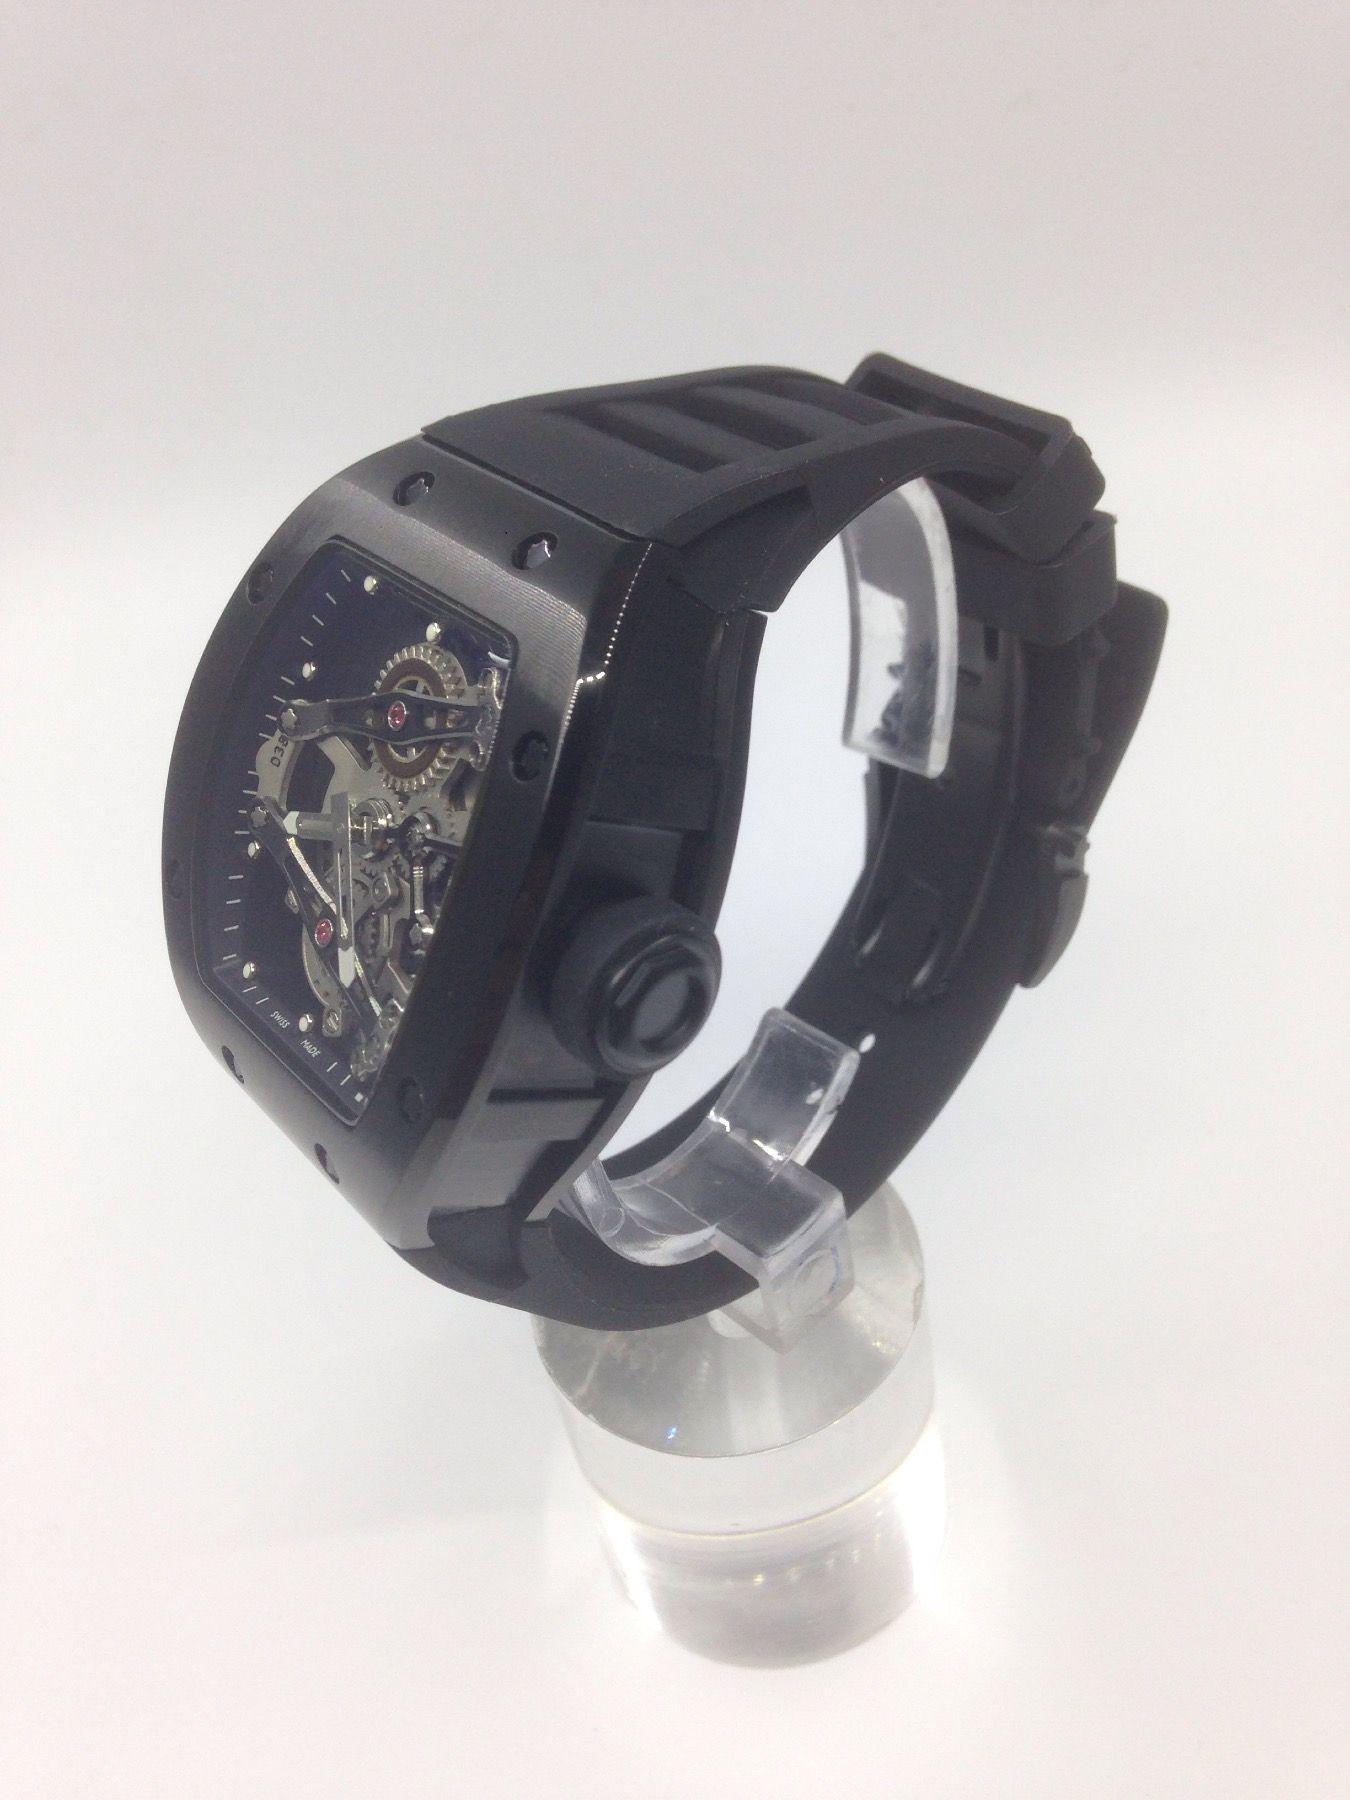 2016 new pattern LUXURY WATCHES 패션 시계 NEW 전체 기능 45mm 중공 뚜르 비옹 블랙 남성용 손목 시계 자동 고무 스트랩